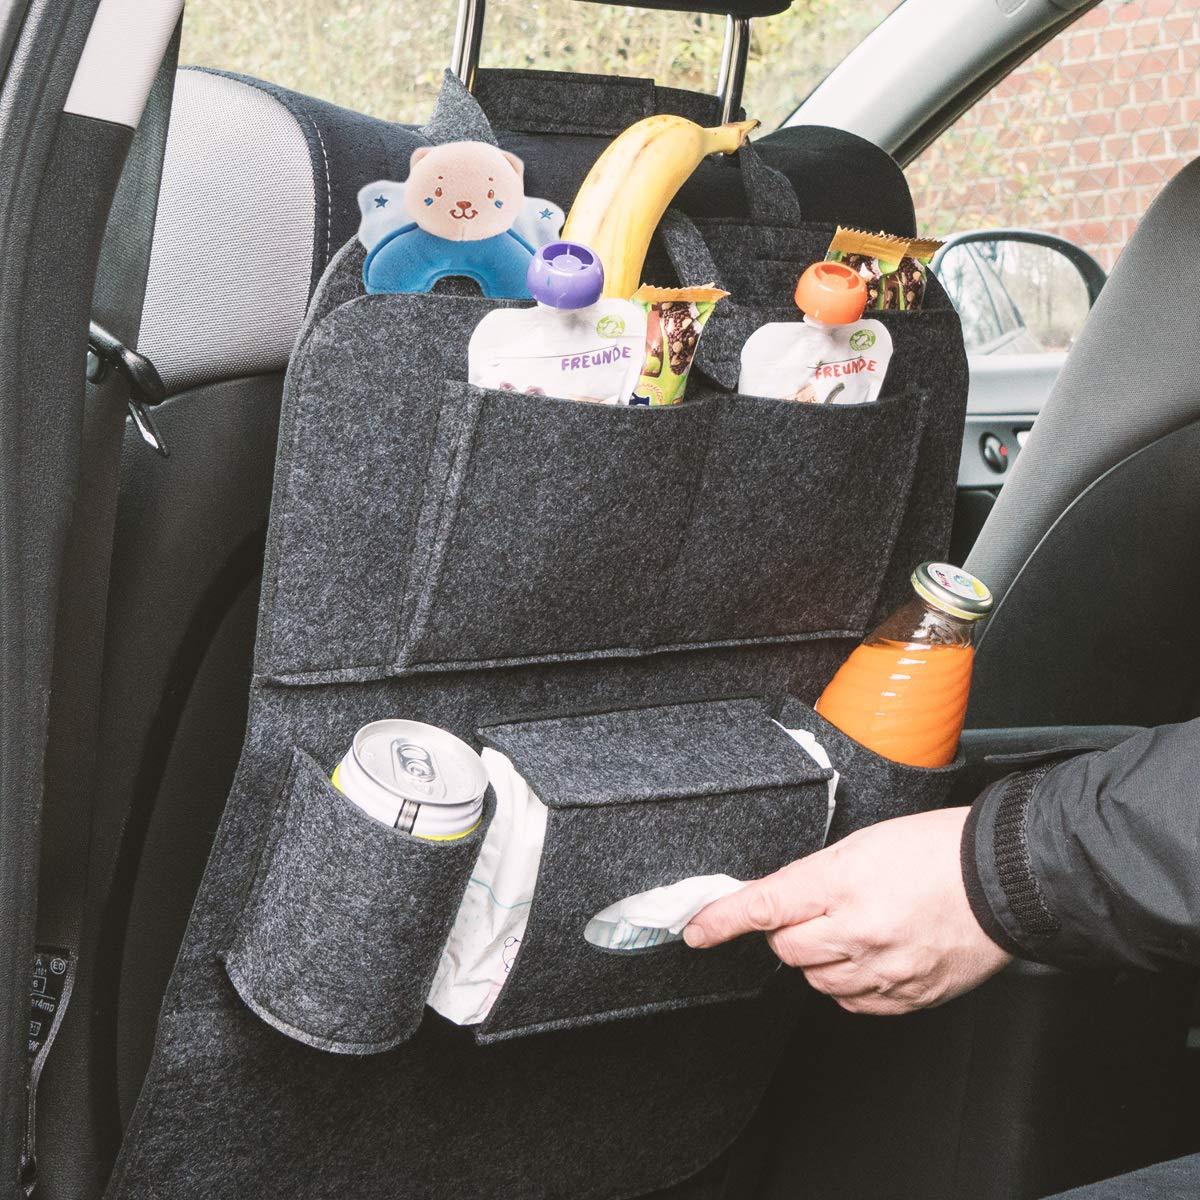 Navaris Auto R/ücksitz Organizer R/ücklehnenschutz Kinder R/ückenlehnenschutz Tasche in Schwarz 56 x 42 cm Filz Autositz R/ückenlehnentasche